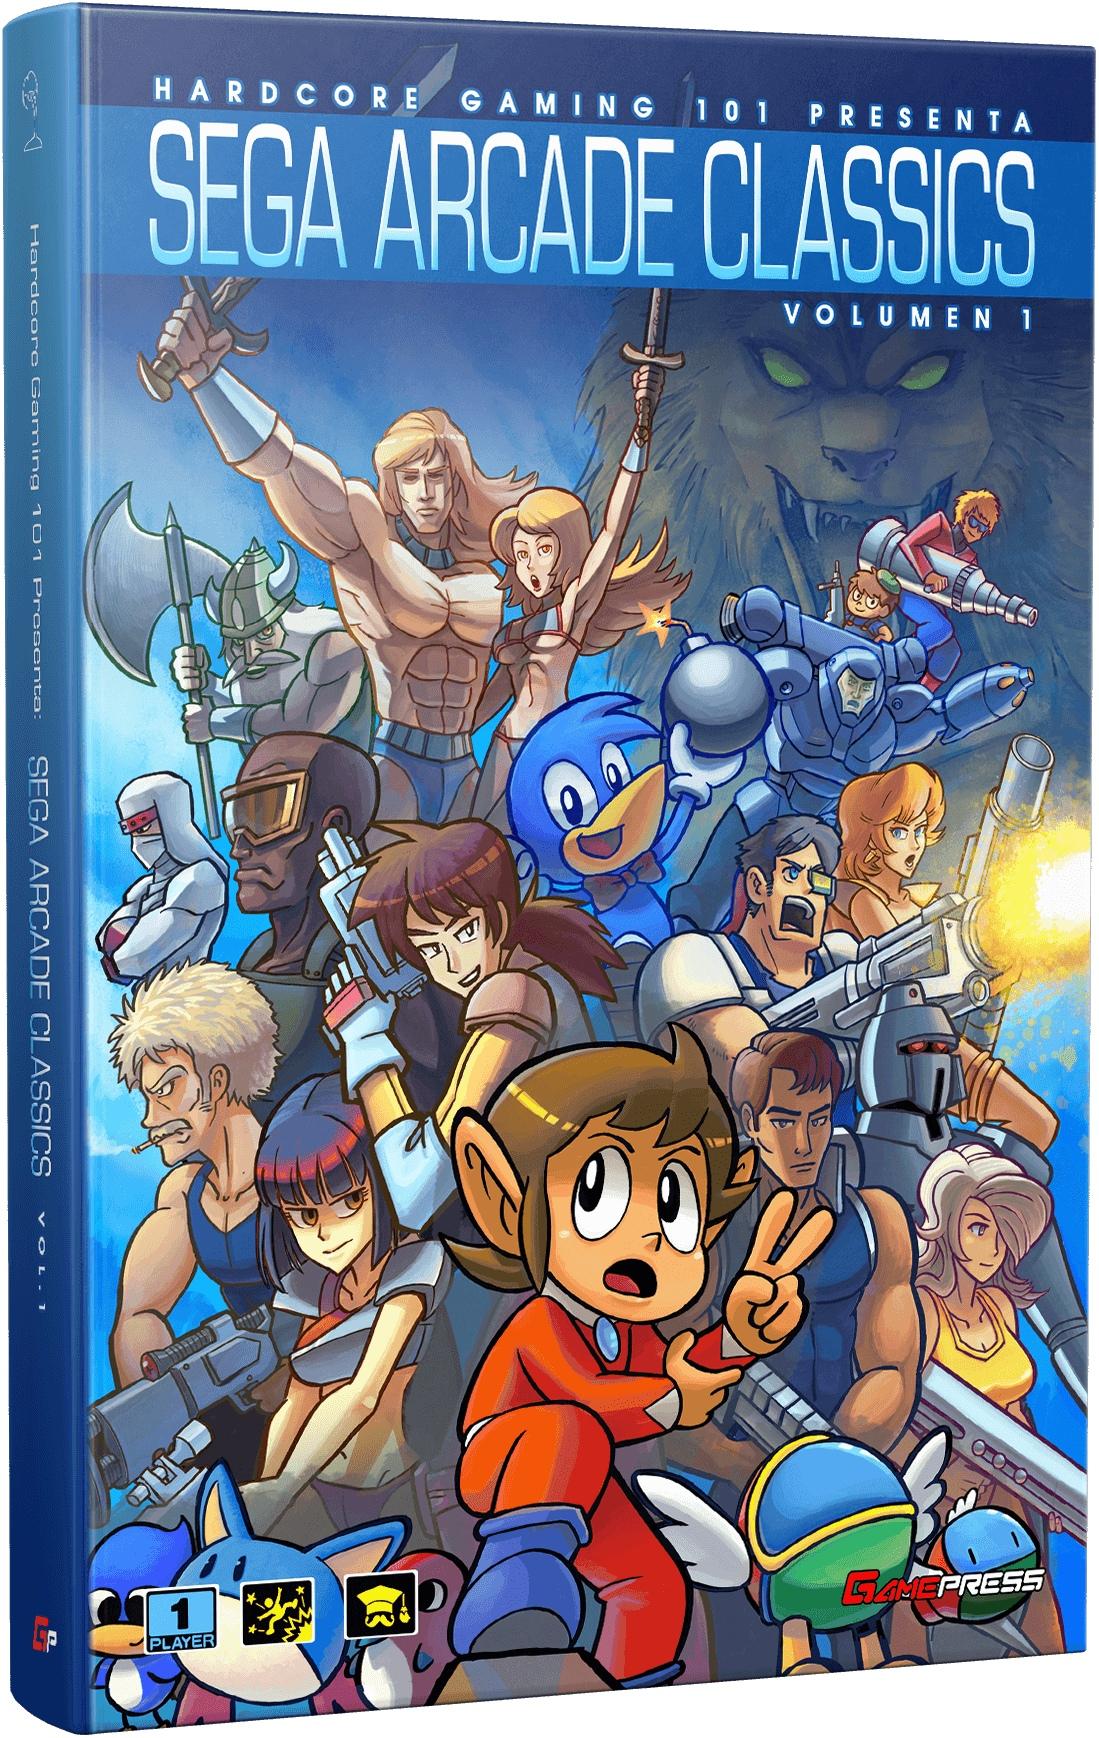 El libro Sega Arcade Classics llega a las librerías españolas